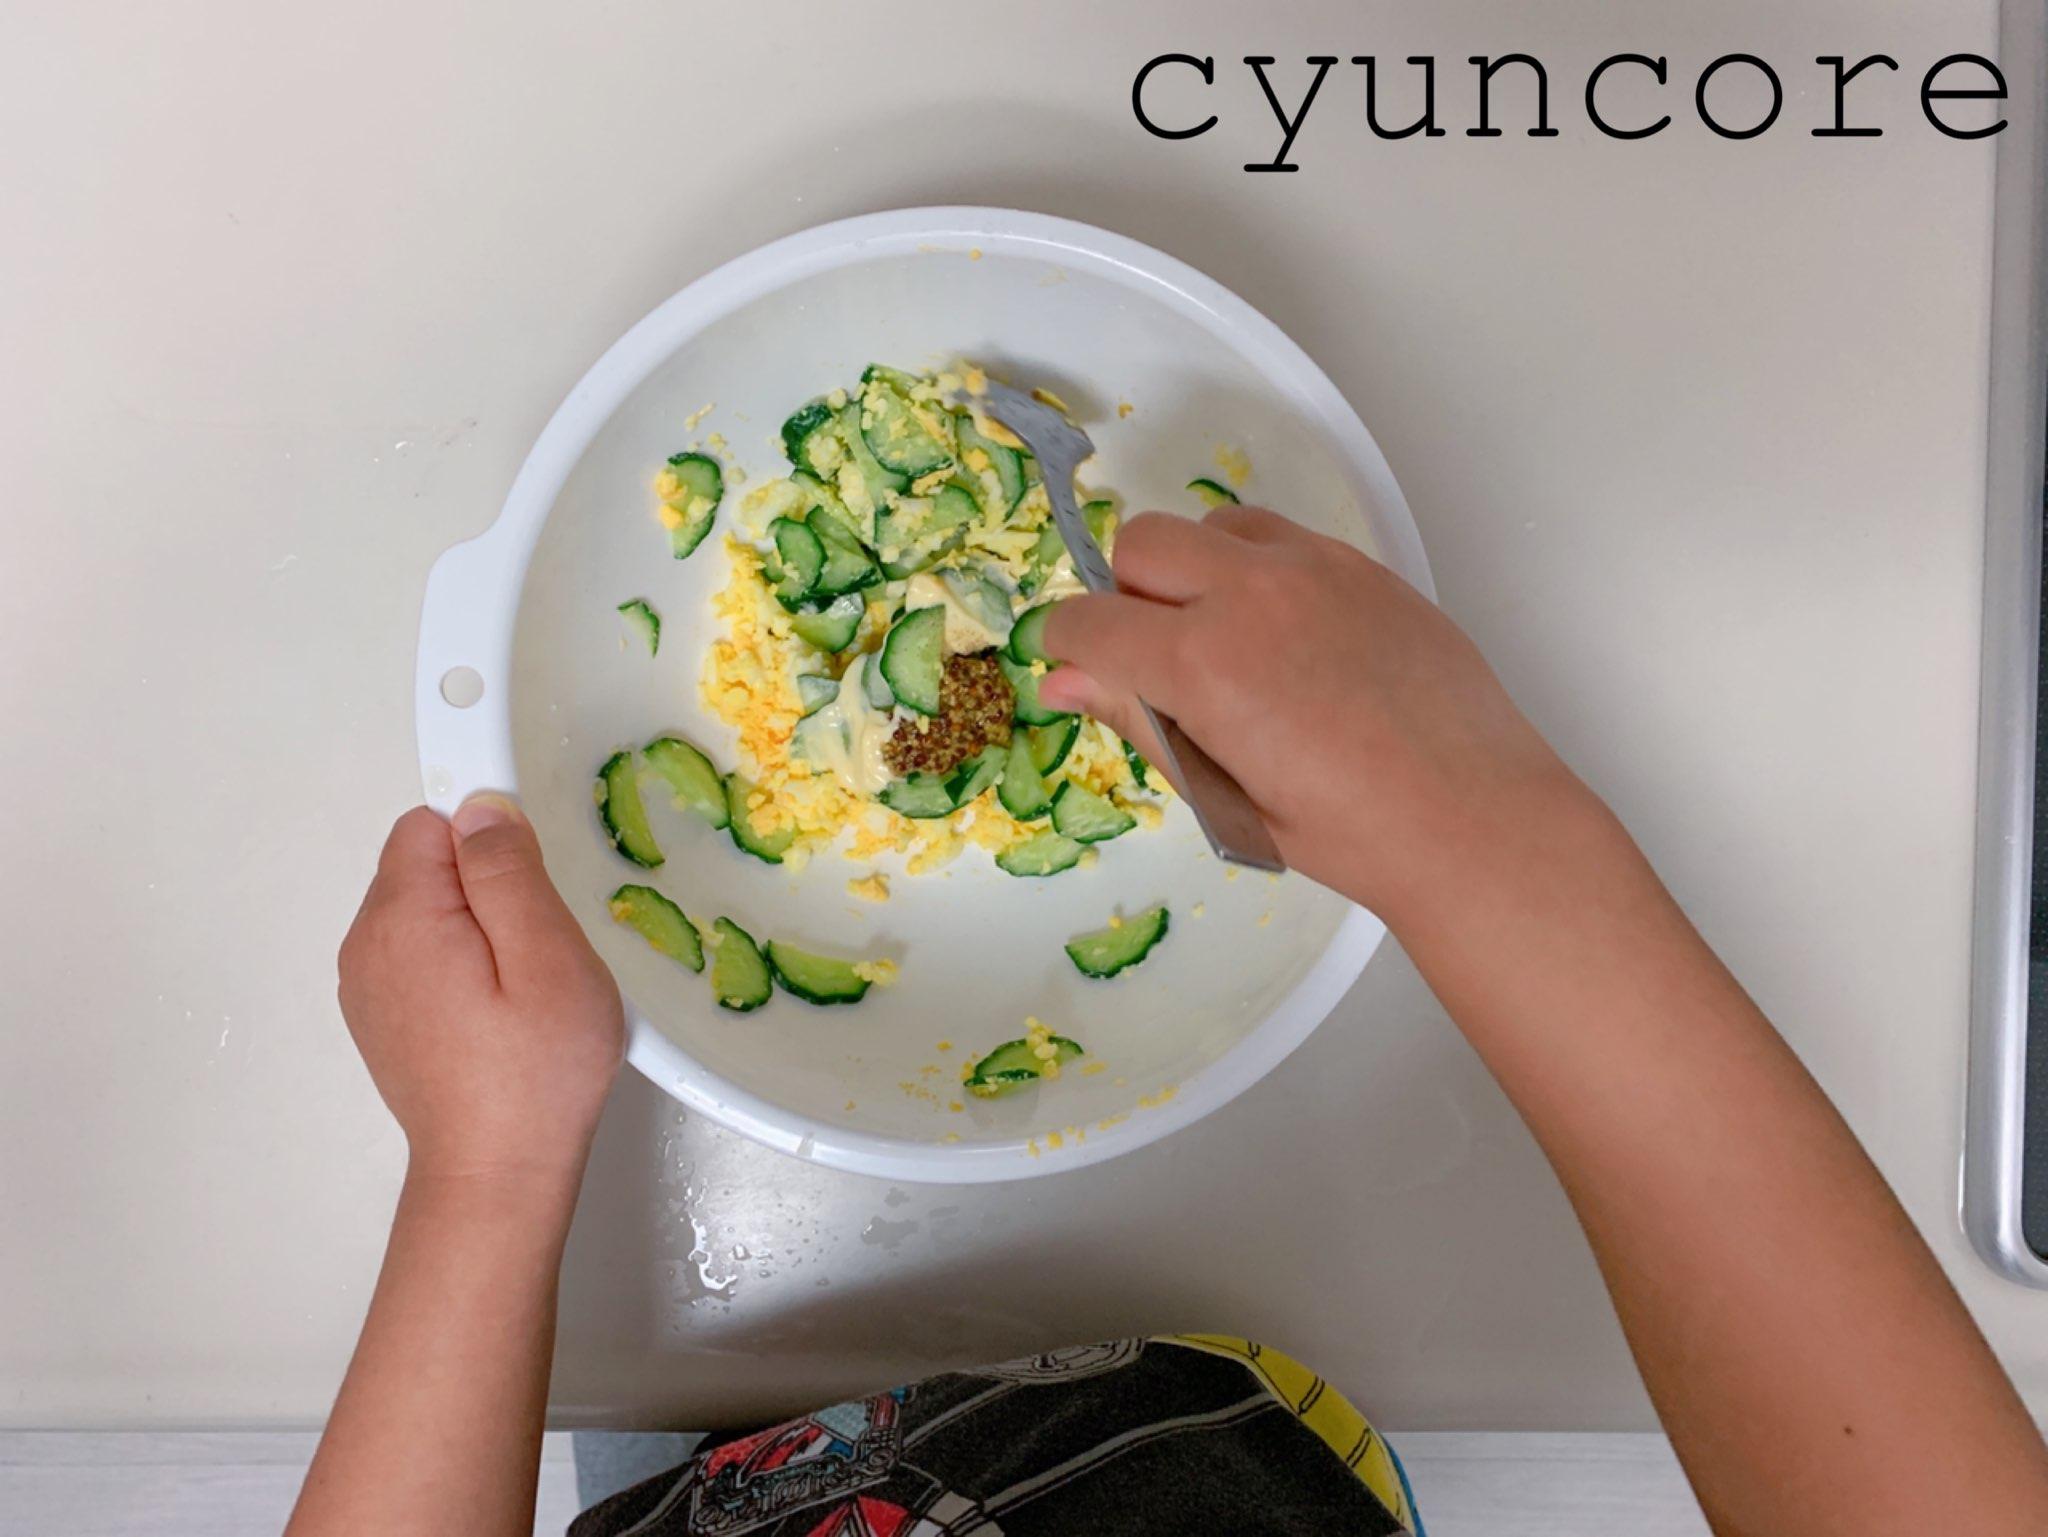 キッズ包丁レシピ②ゆで卵ときゅうりのサラダ-5